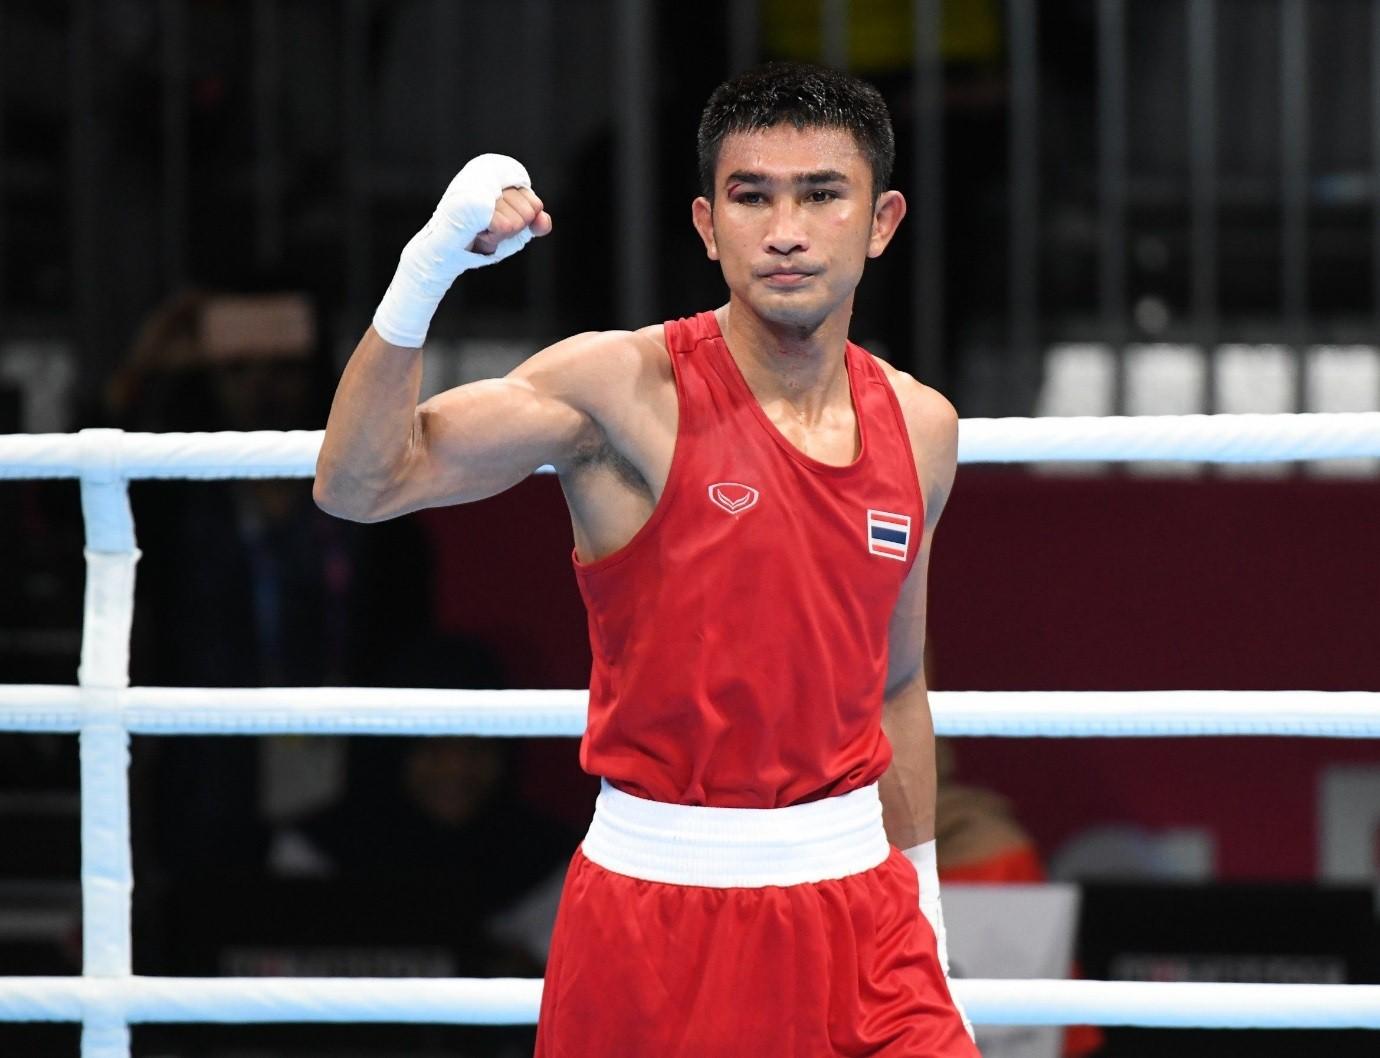 2 นักชกไทยเฮ ก่อนขึ้นชกโอลิมปิกเกมส์